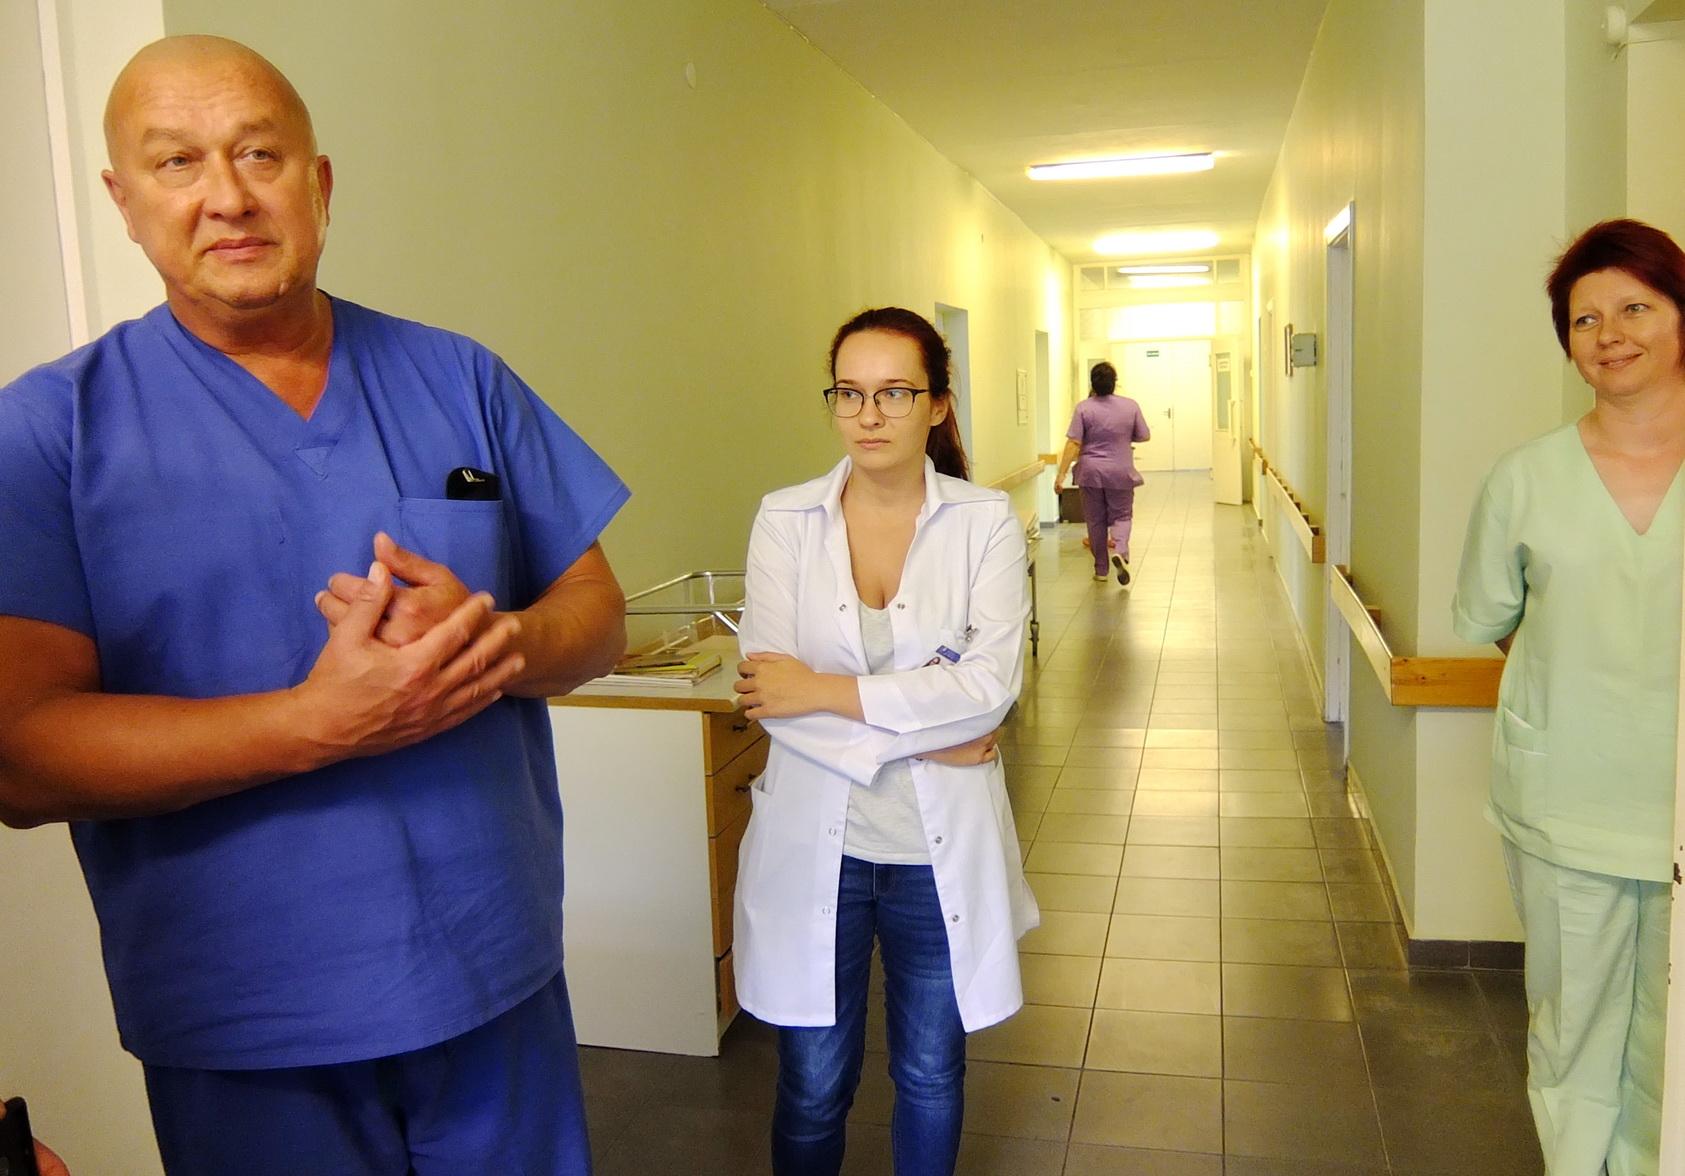 Būsimoji medikė Greta Undžytė (centre) dėmesingai klausosi Akušerijos ir ginekologijos skyriaus vedėjo Arvydo Savulionio ir kitų skyriaus medikų patarimų.